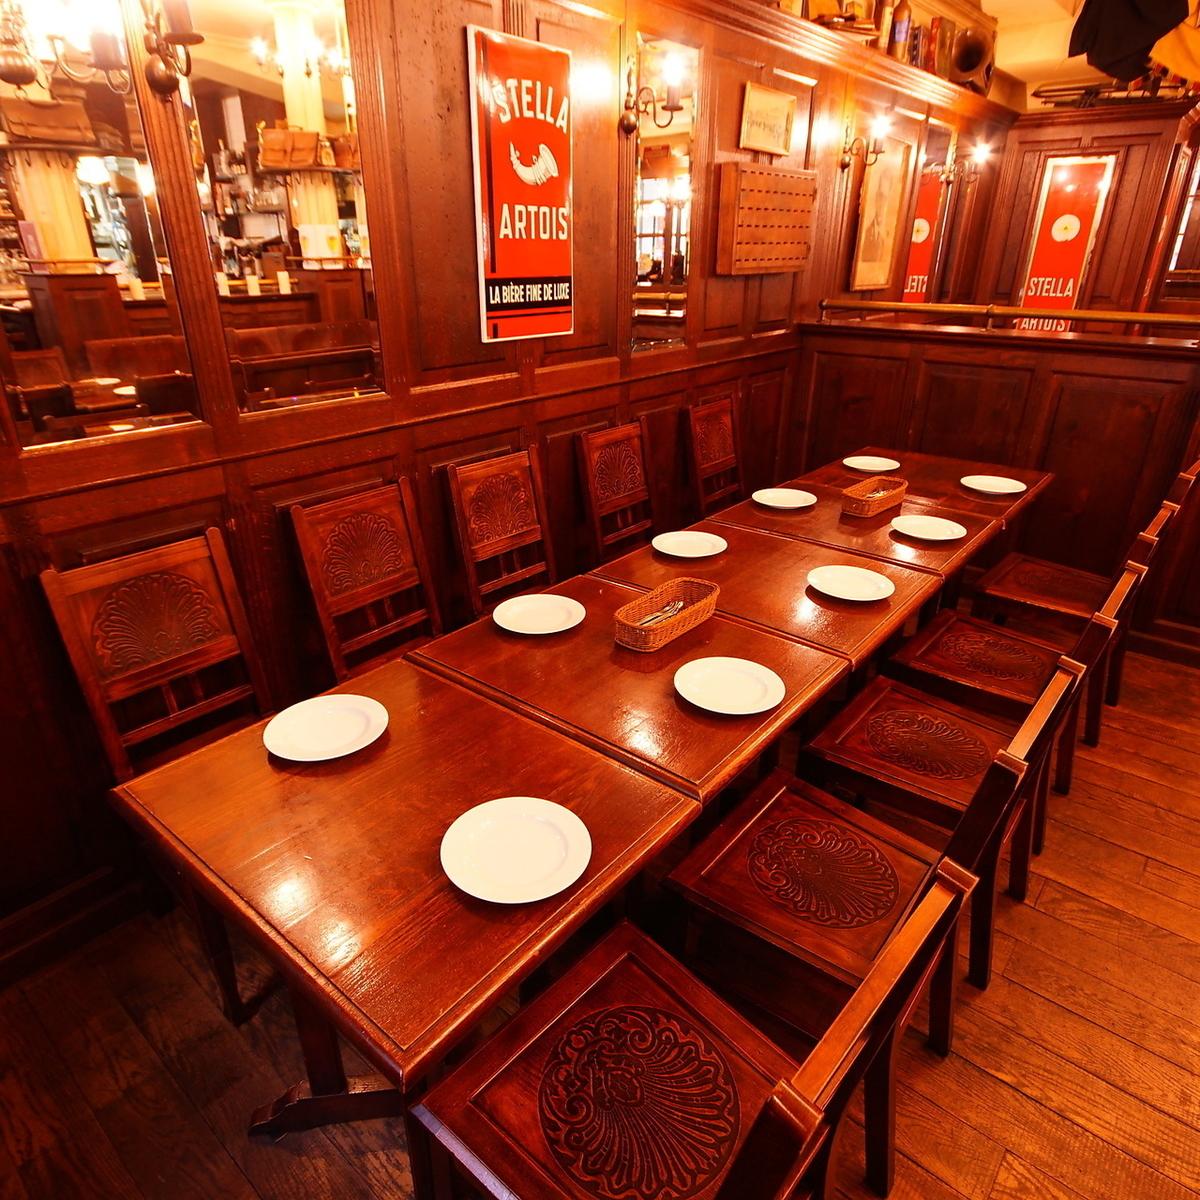 【~10人座位】是团体的座位。一张桌子最多可容纳10人。